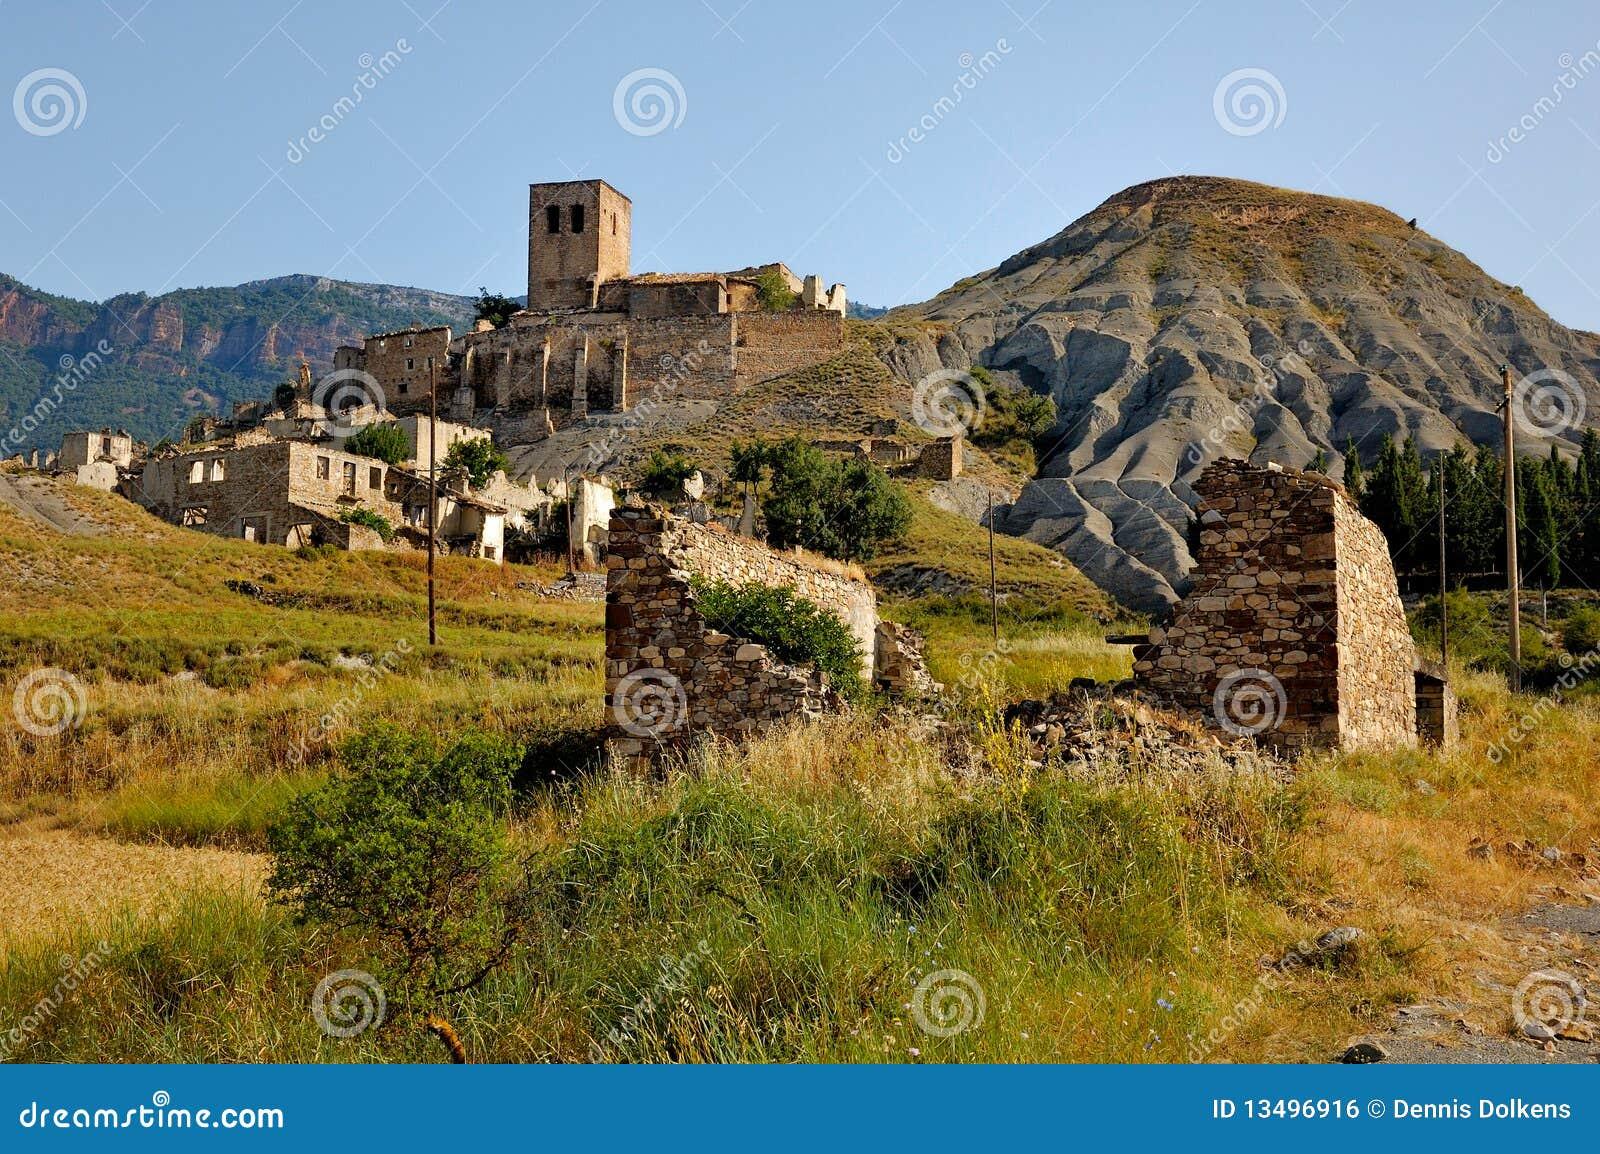 Los lugares abandonados más espectaculares de España Pueblo-fantasma-en-espaa-13496916